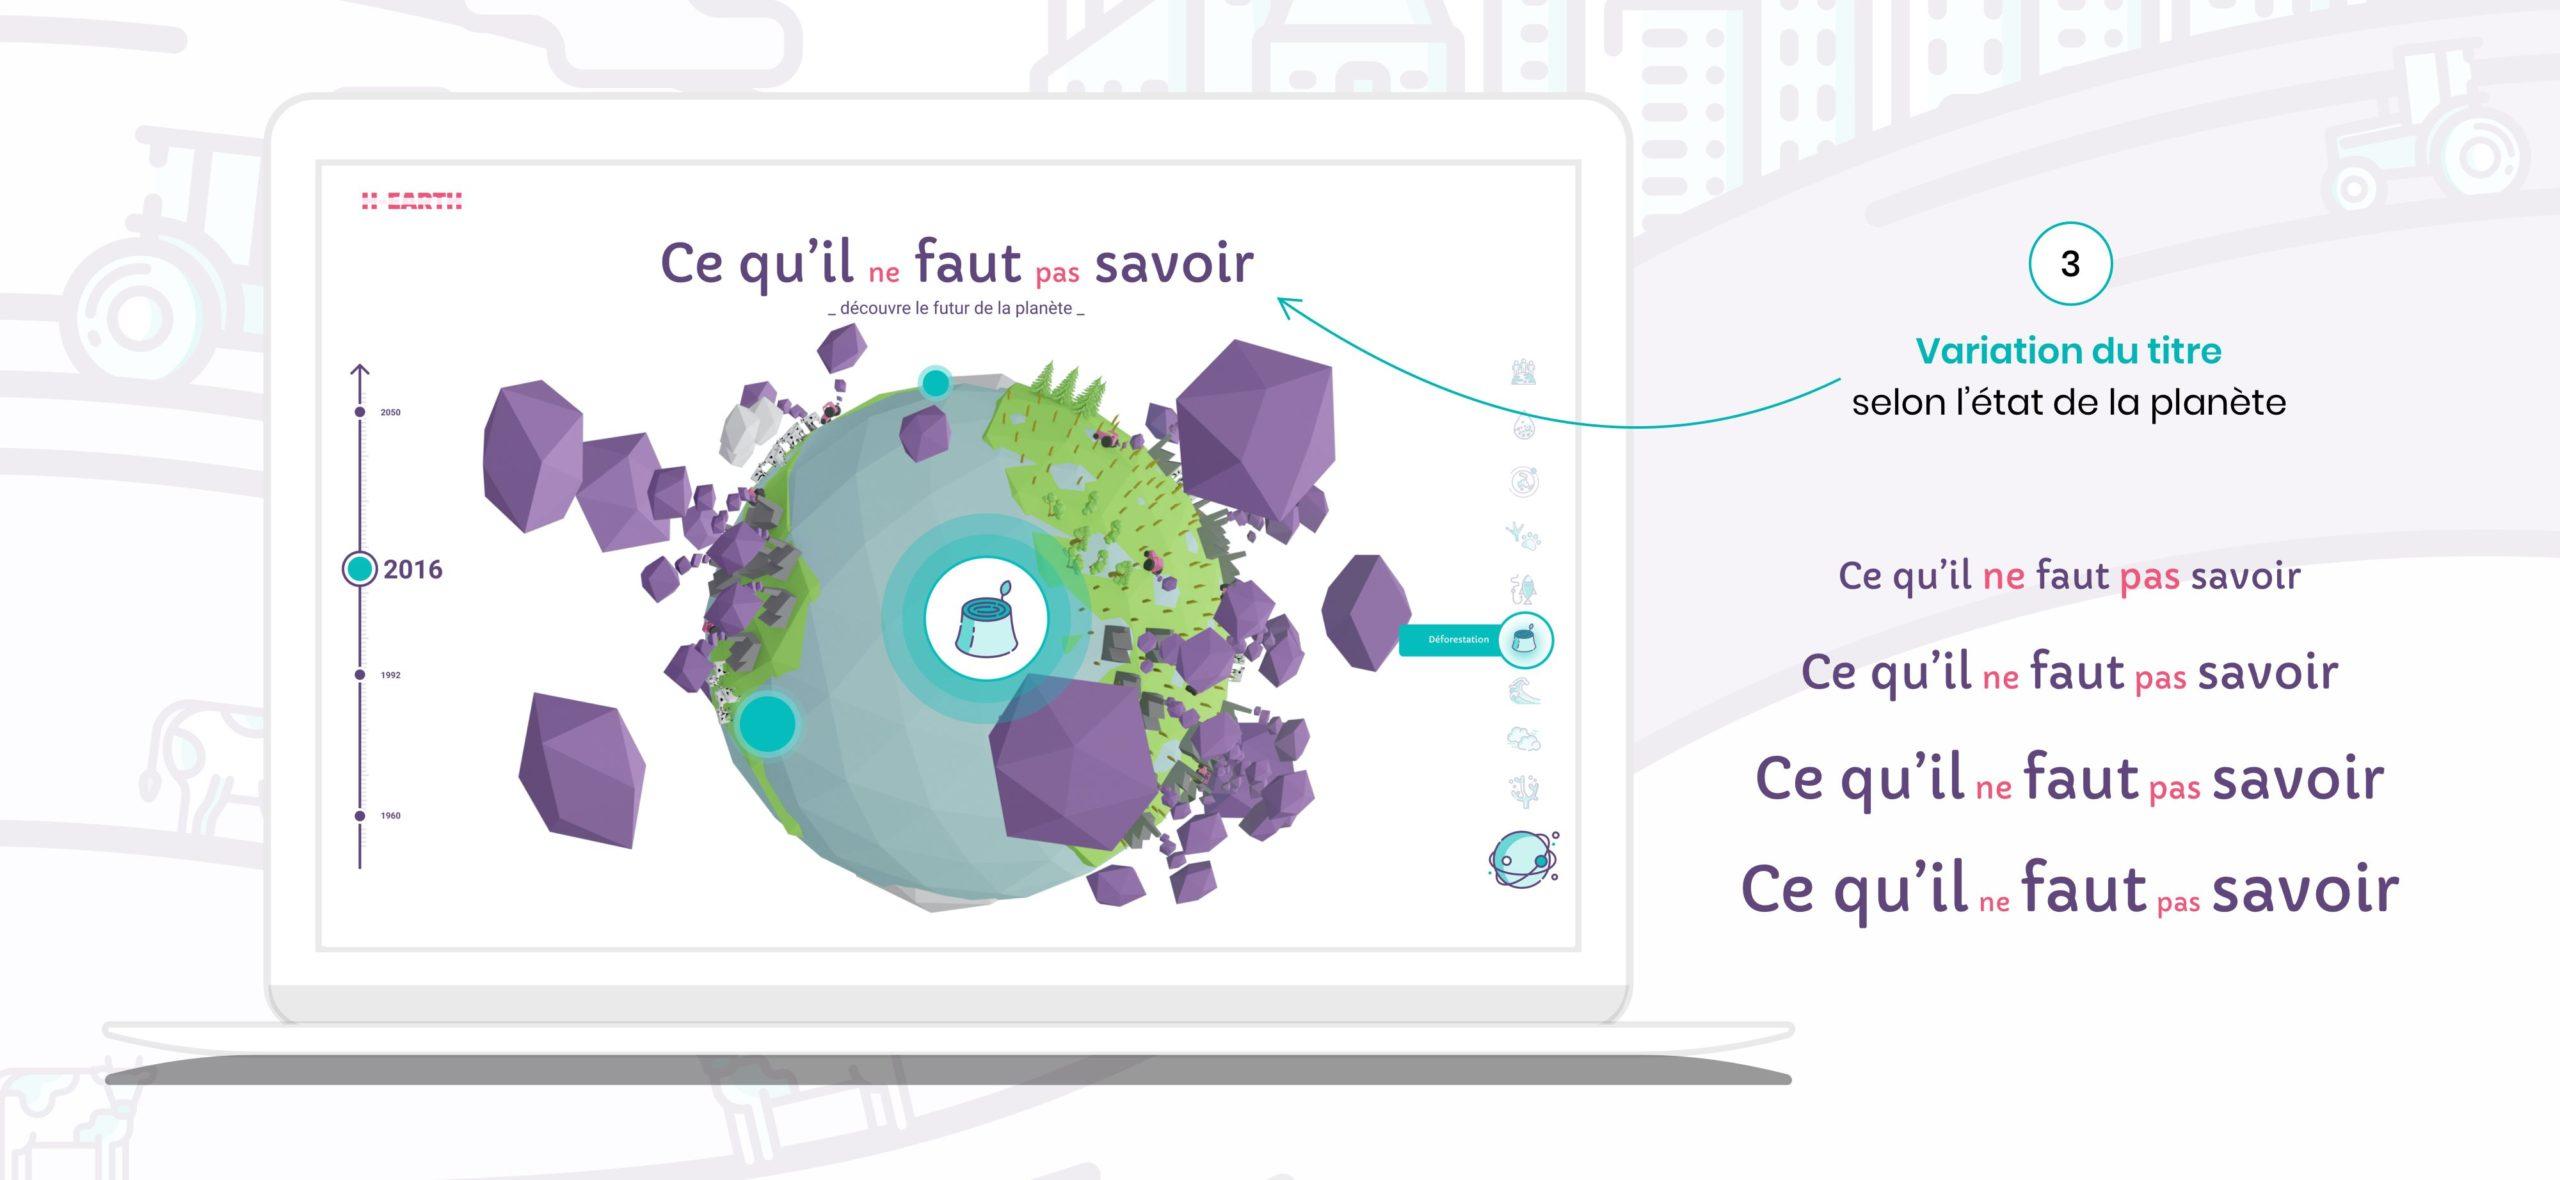 CandiceH Projet H-earth UX-UI-Design ; Vulgarisation Réchauffement Climatique Design02